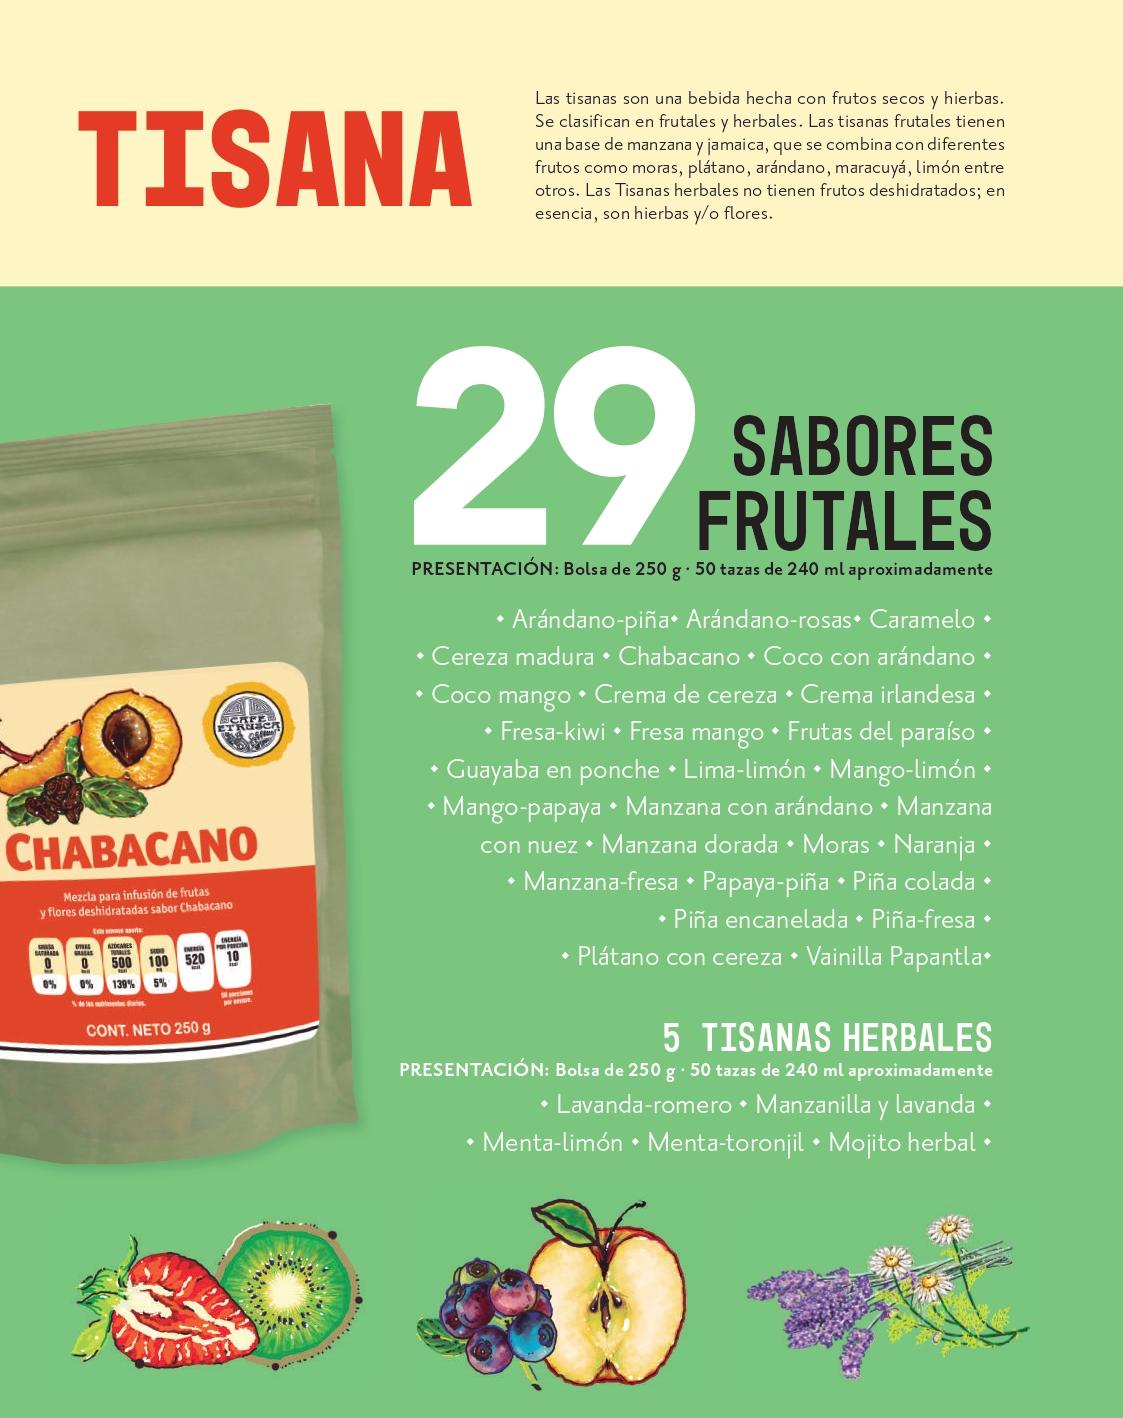 Tisanas Etrusca